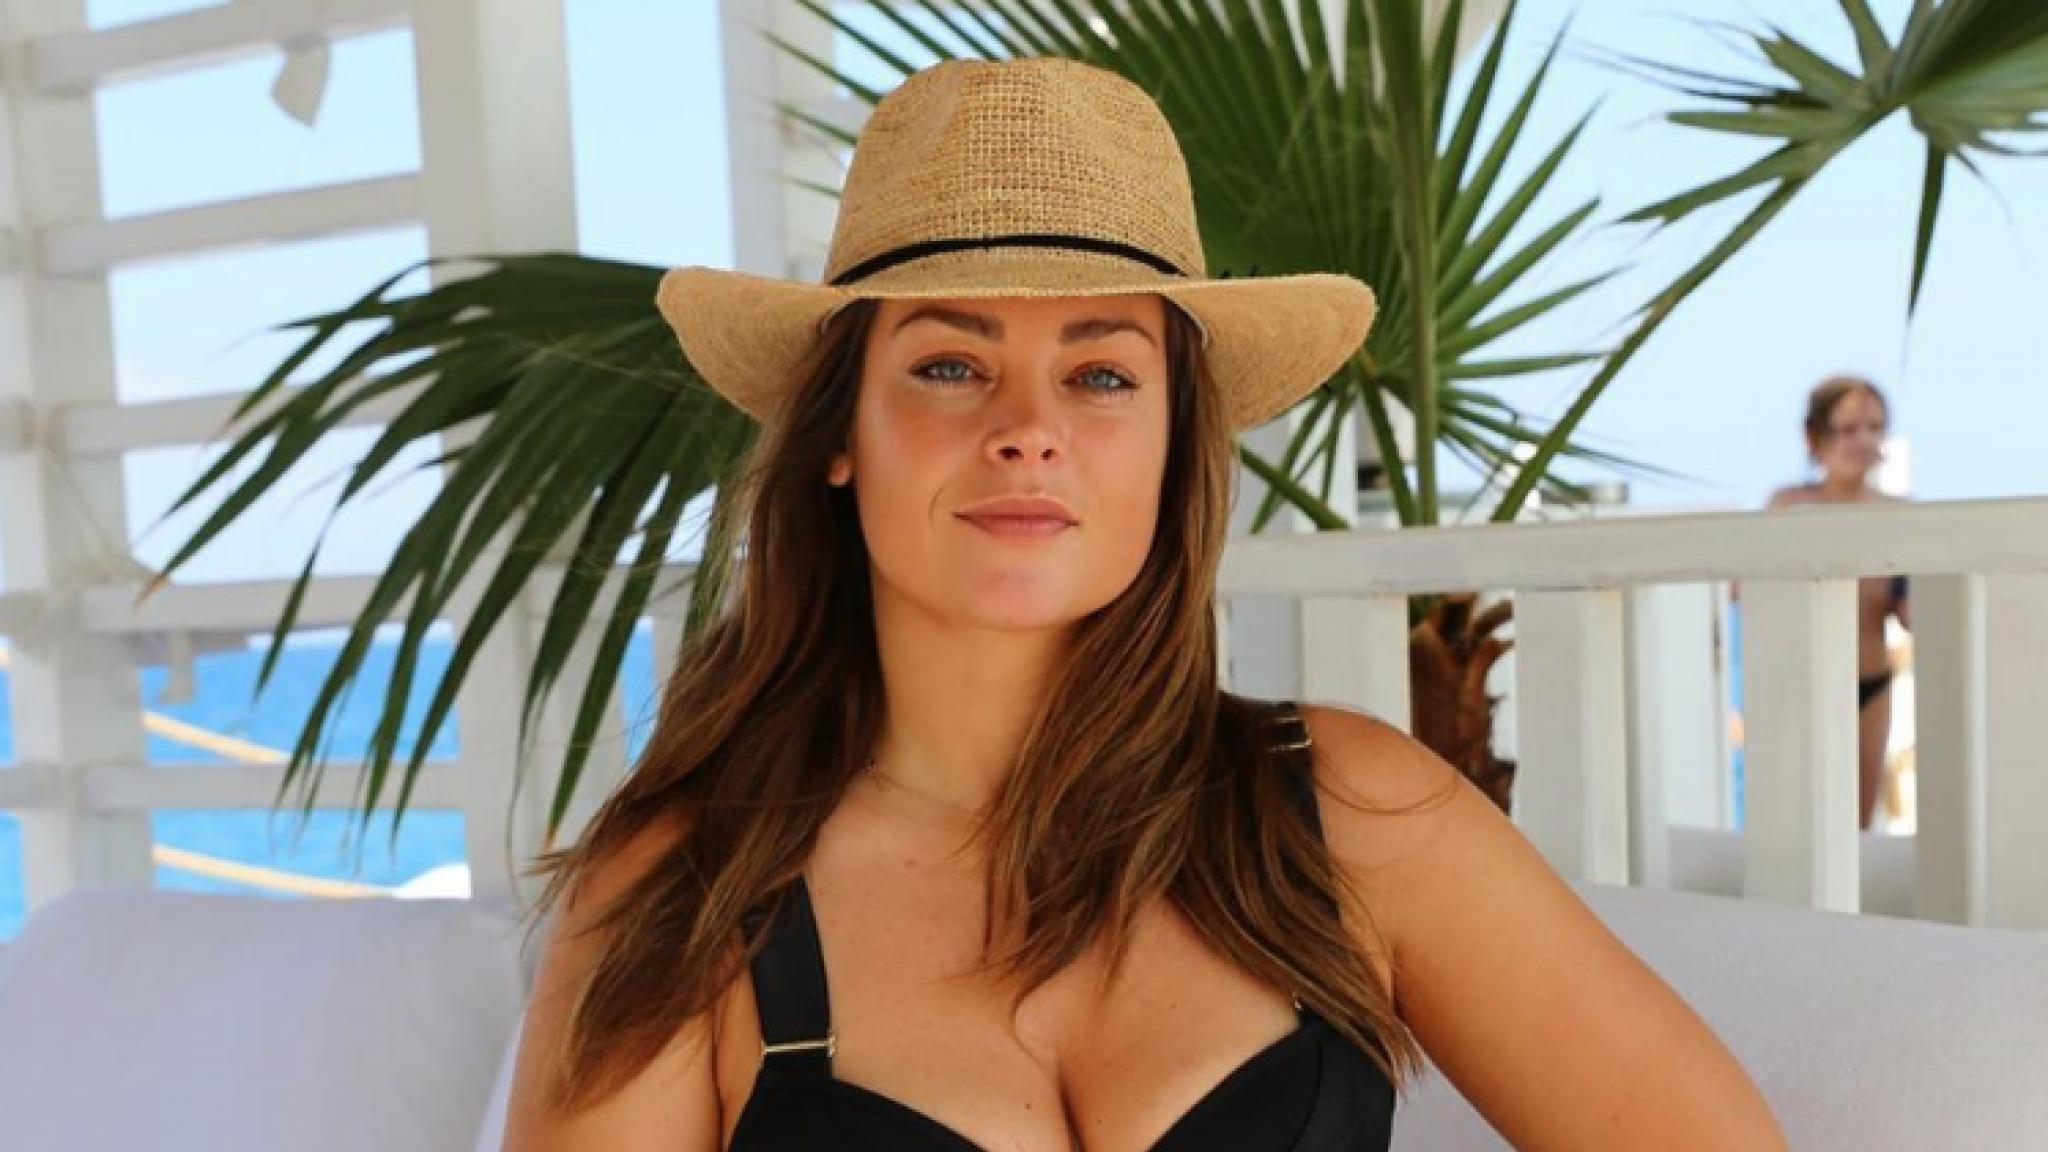 Miljuschka Witzenhausen trots op haar 'happy rolls' | RTL Boulevard